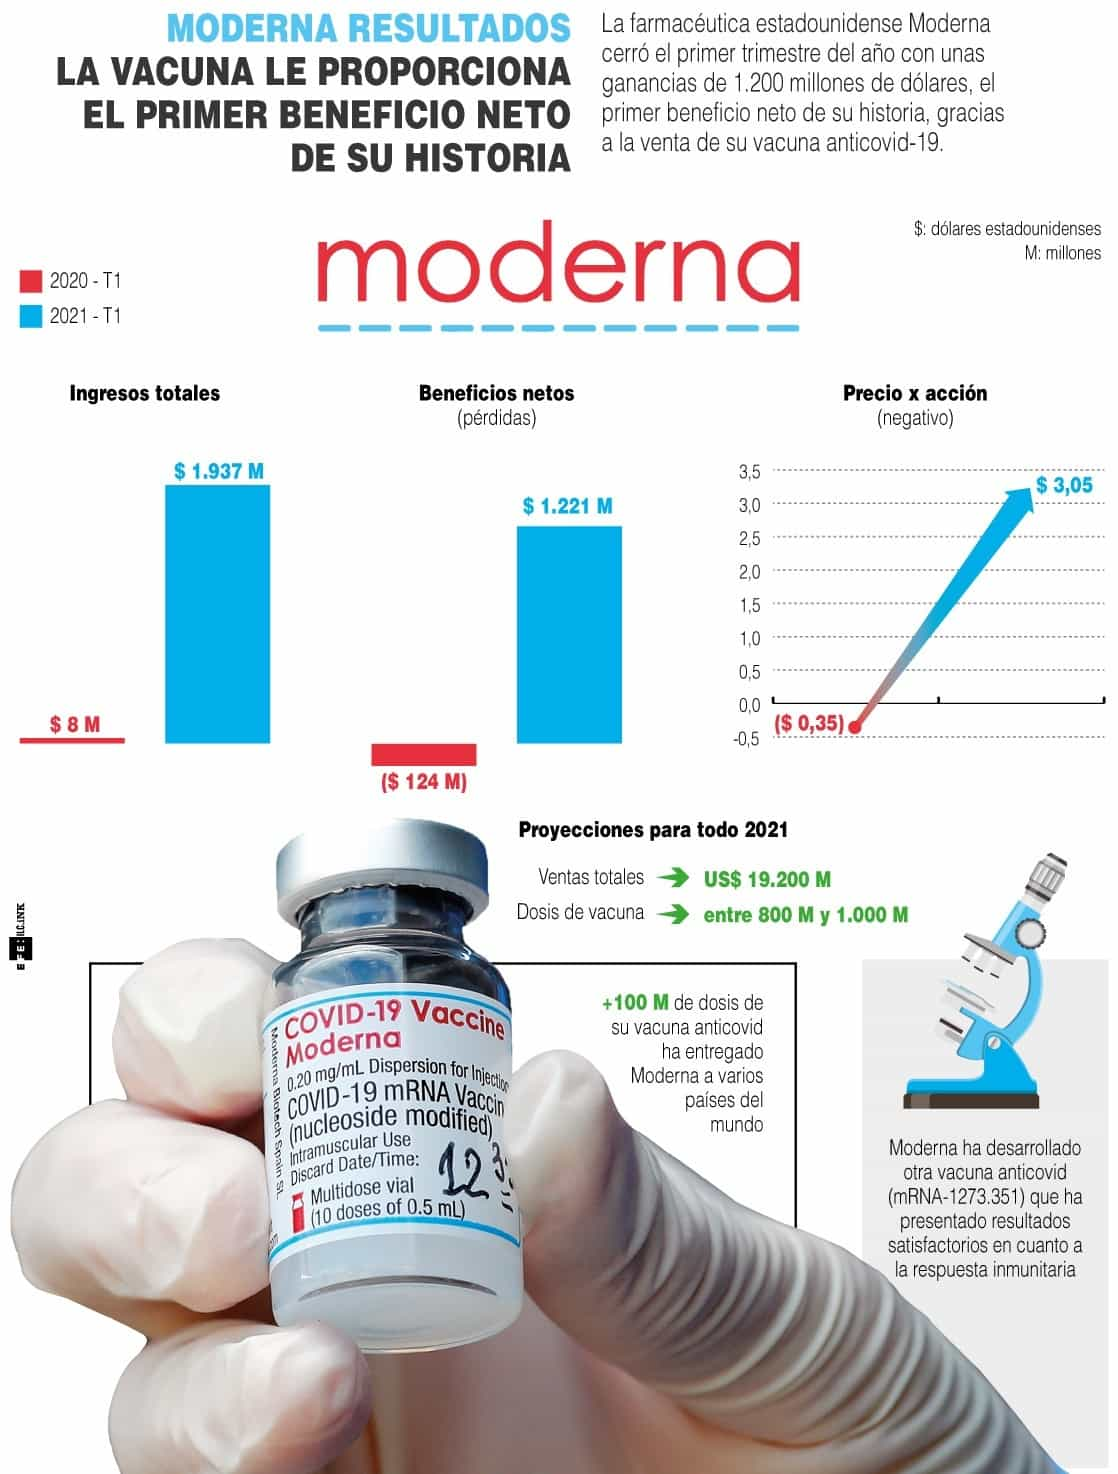 [Infografía] - Moderna La vacuna le proporciona el primer beneficio neto de su historia 1